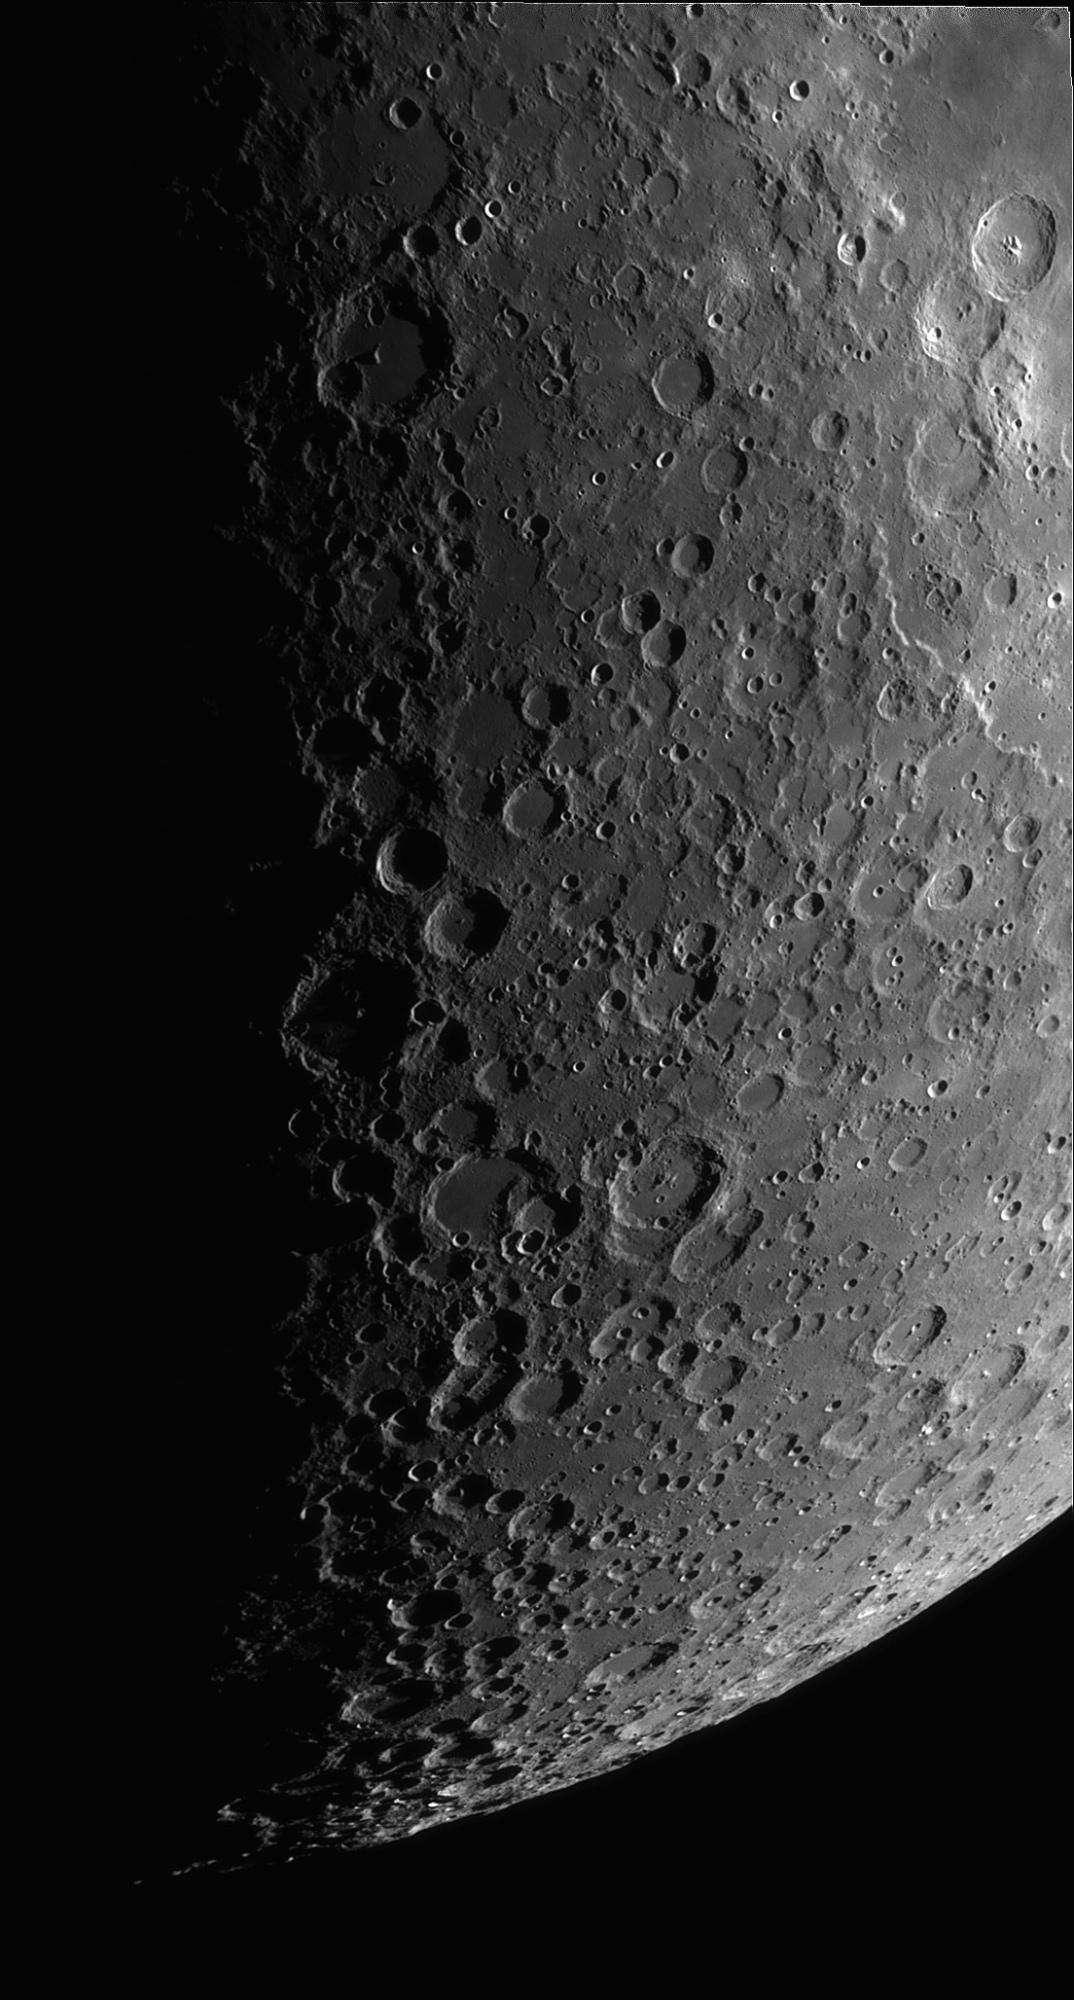 5e845dbbd6dbf_Lune2020-03-31-1927_7-CapObj20bis.thumb.jpg.748796a1b0b89a7bdbf7599a05323553.jpg